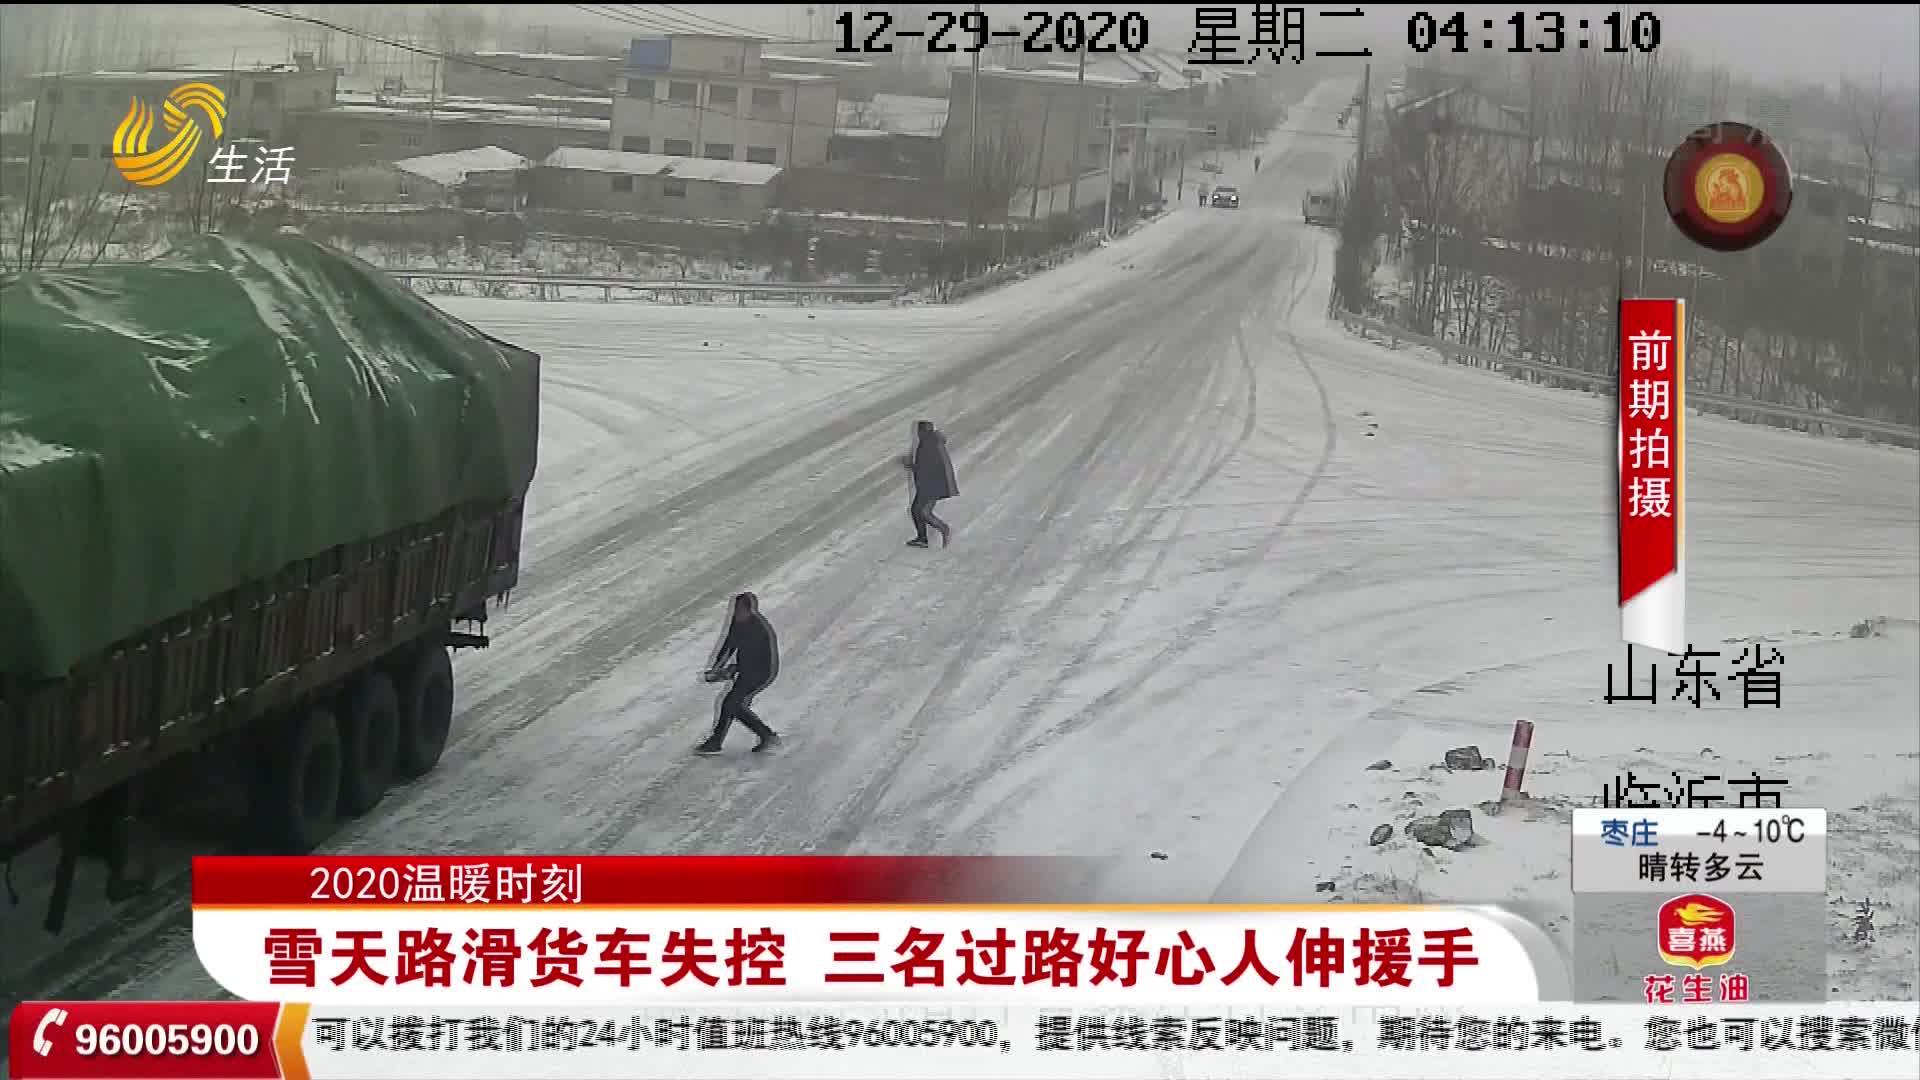 【2020温暖时刻】雪天路滑货车失控 三名过路好心人伸援手